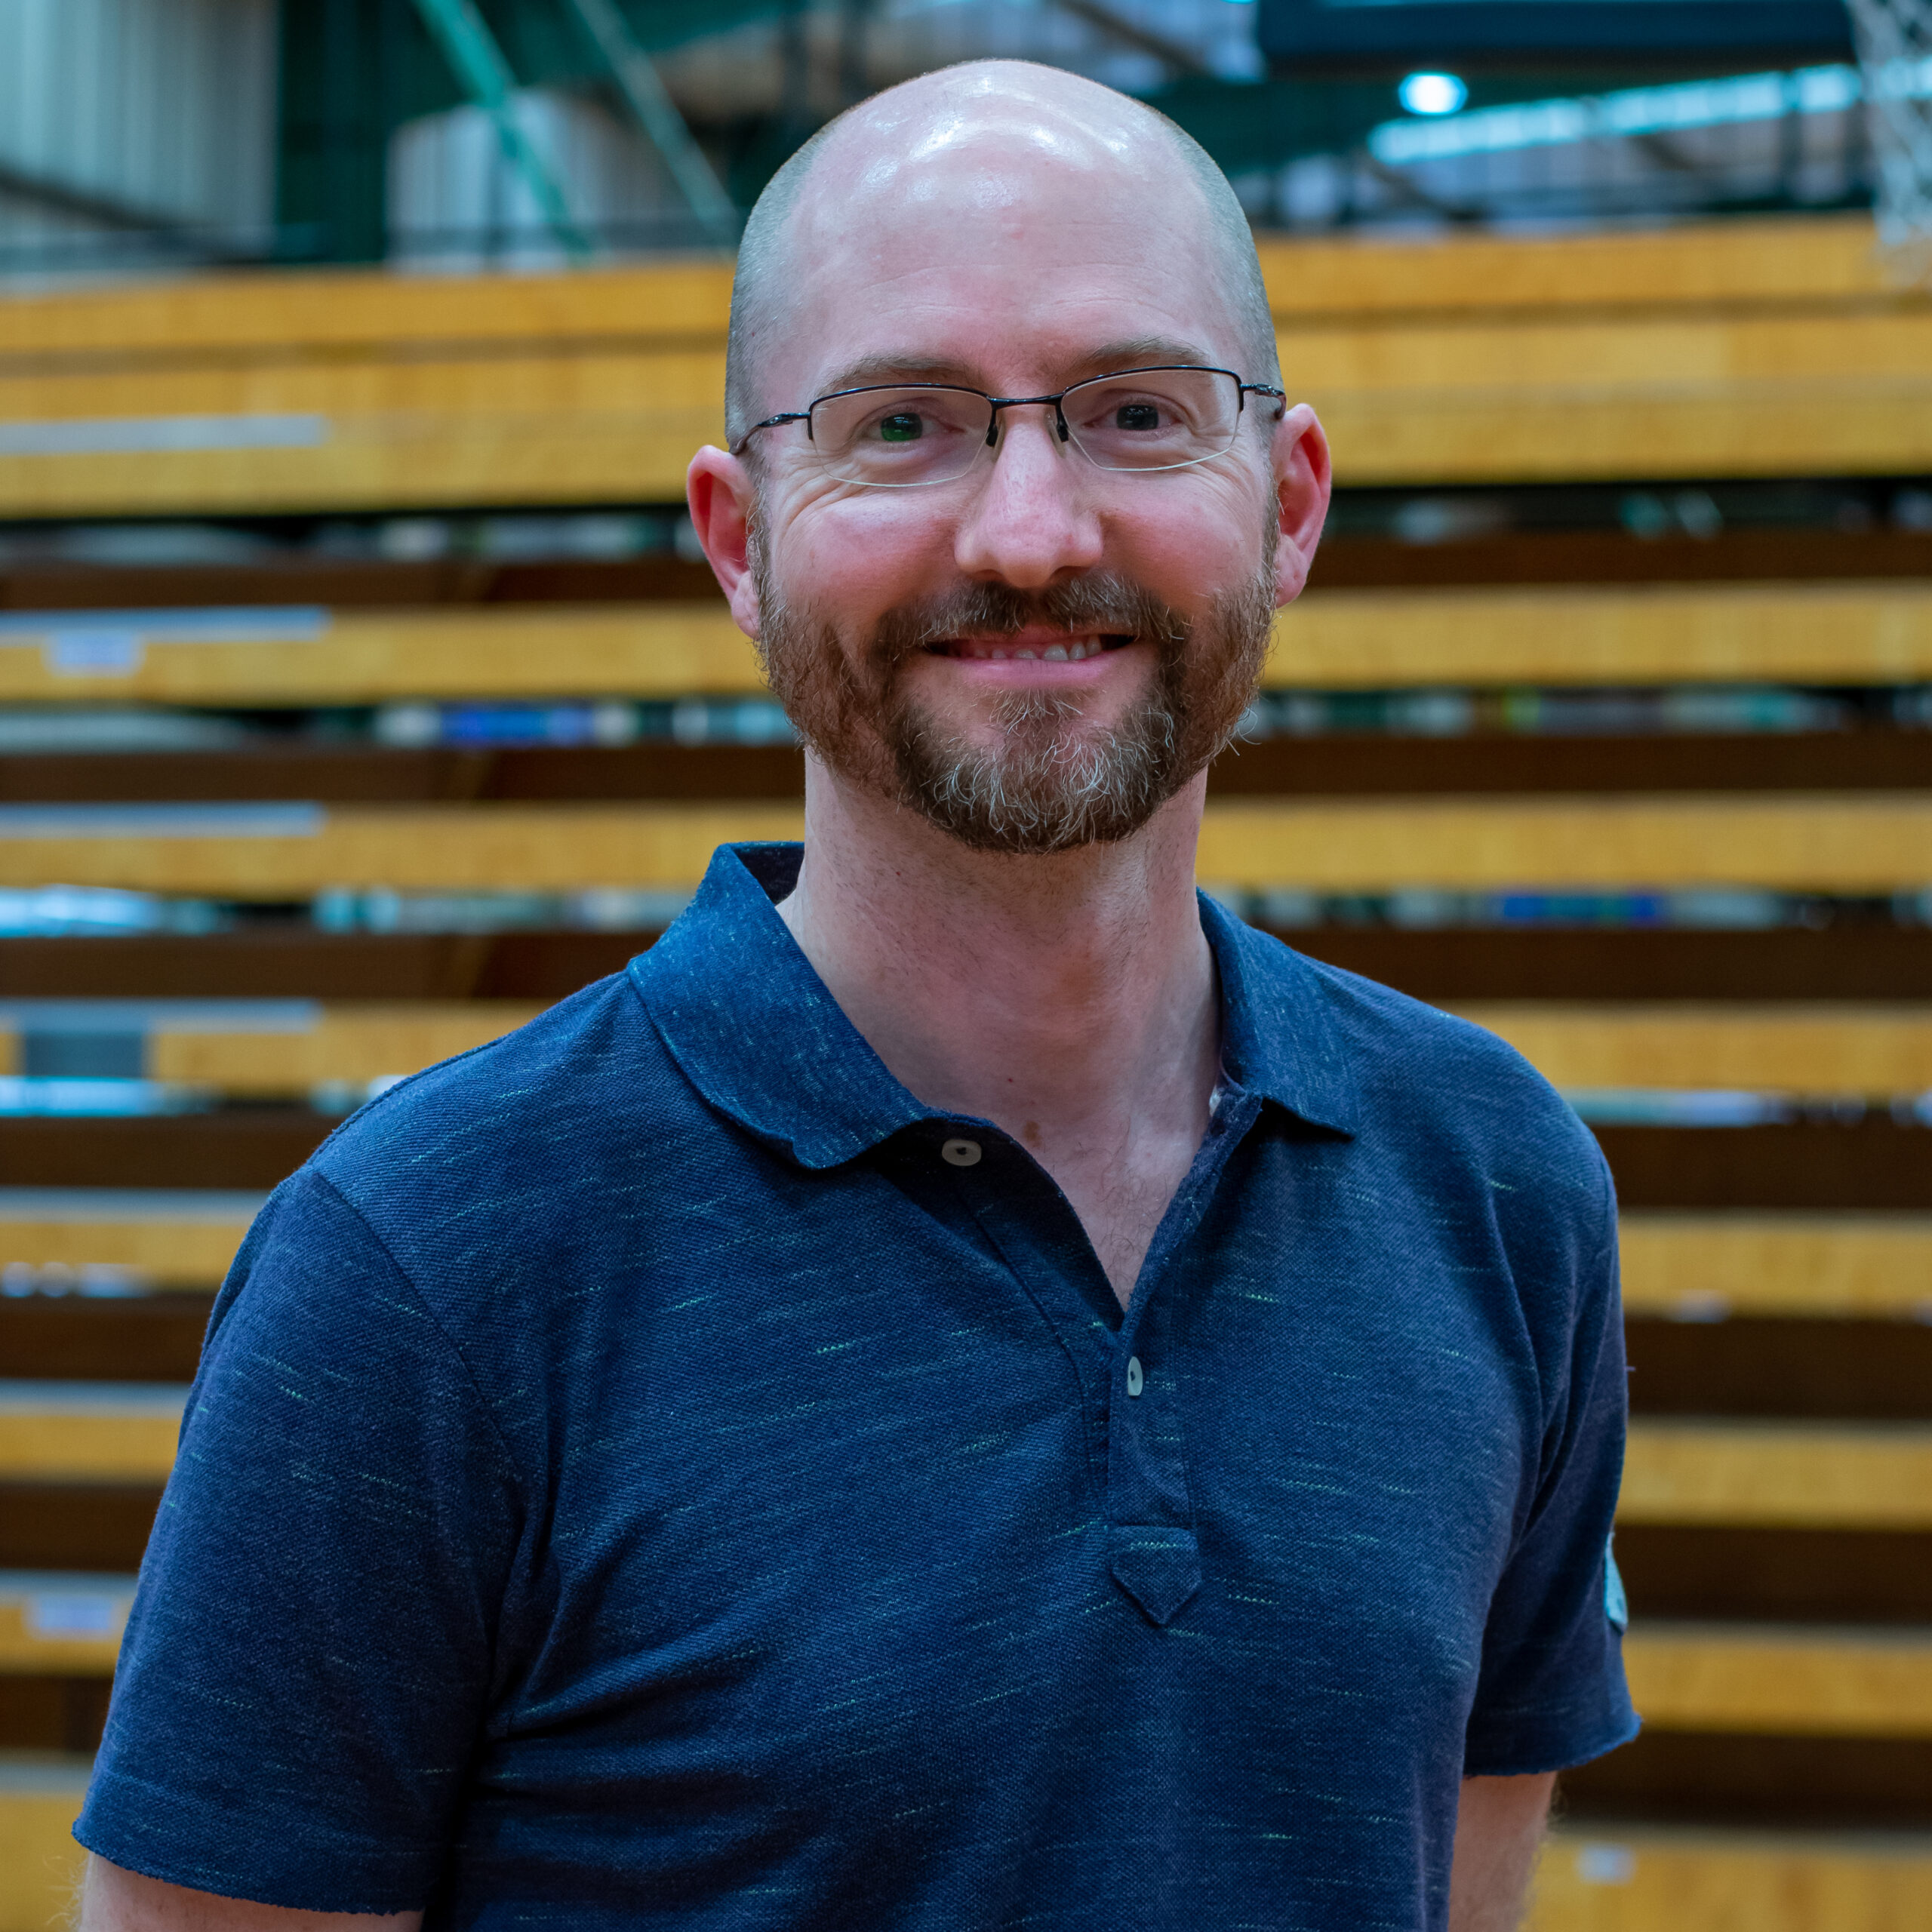 Matt Vening